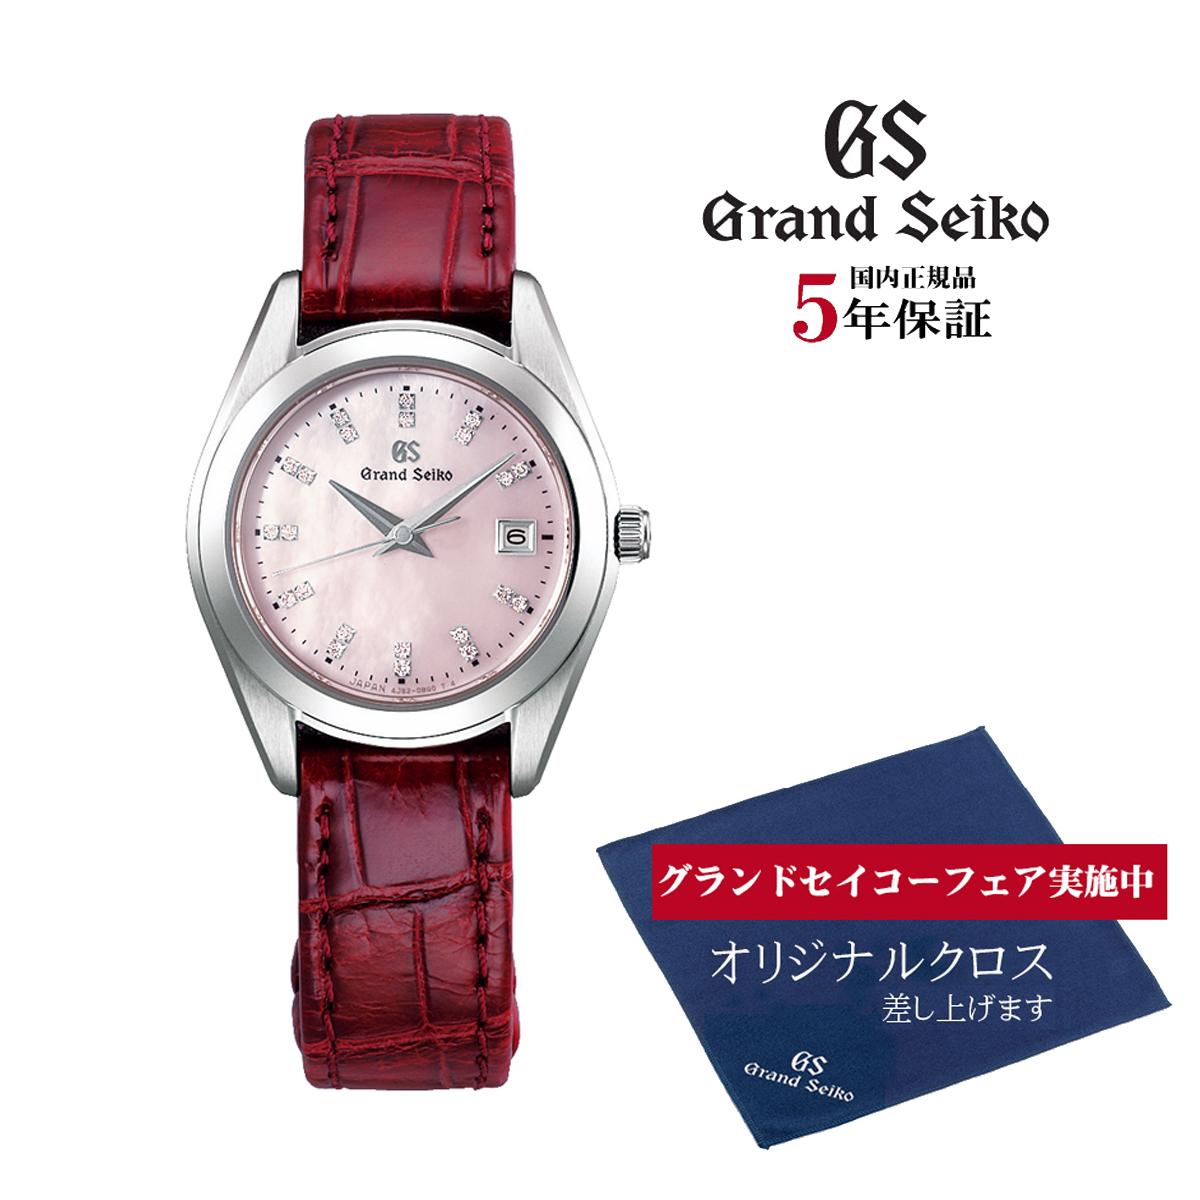 グランドセイコー Grand Seiko 正規メーカー保証3年 STGF295 4Jクォーツ 正規品 腕時計